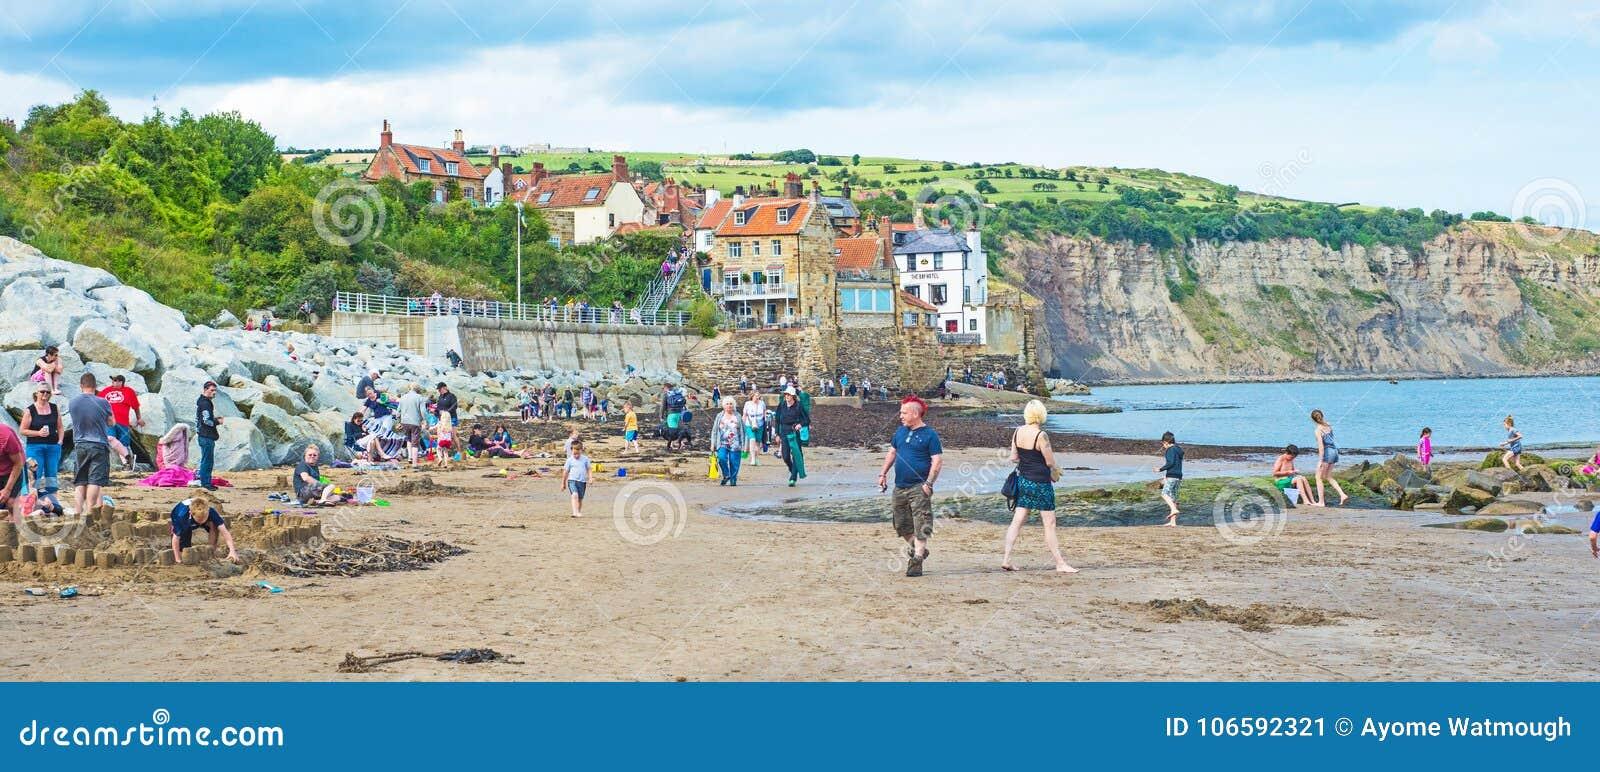 Vakantie bij kust in Engeland